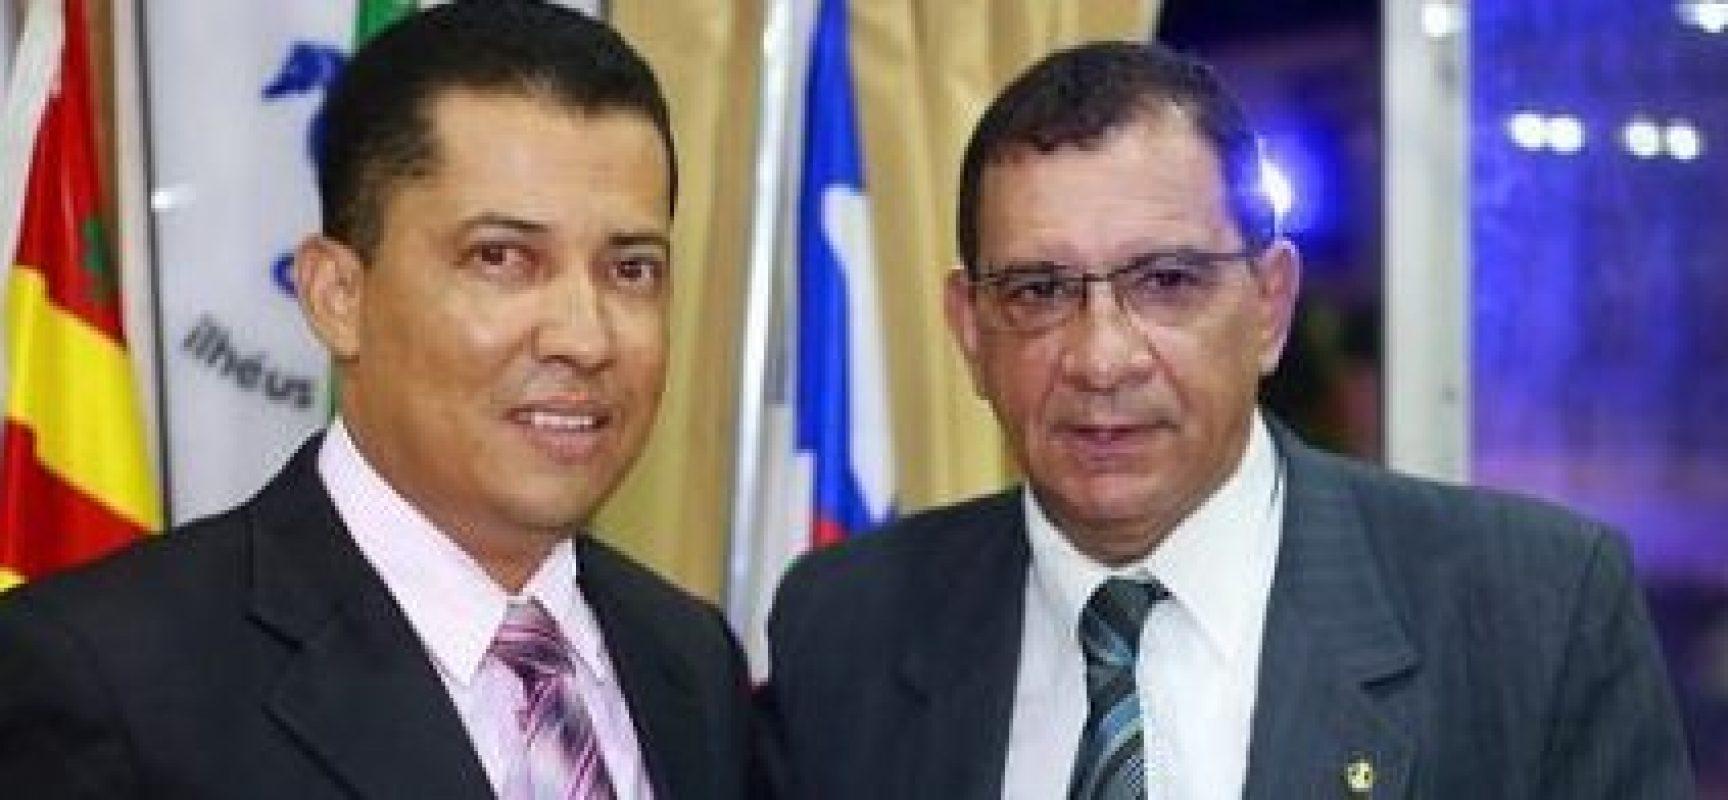 Vereador Tarcísio Paixão articula sua candidatura a presidência da Câmara para 2019